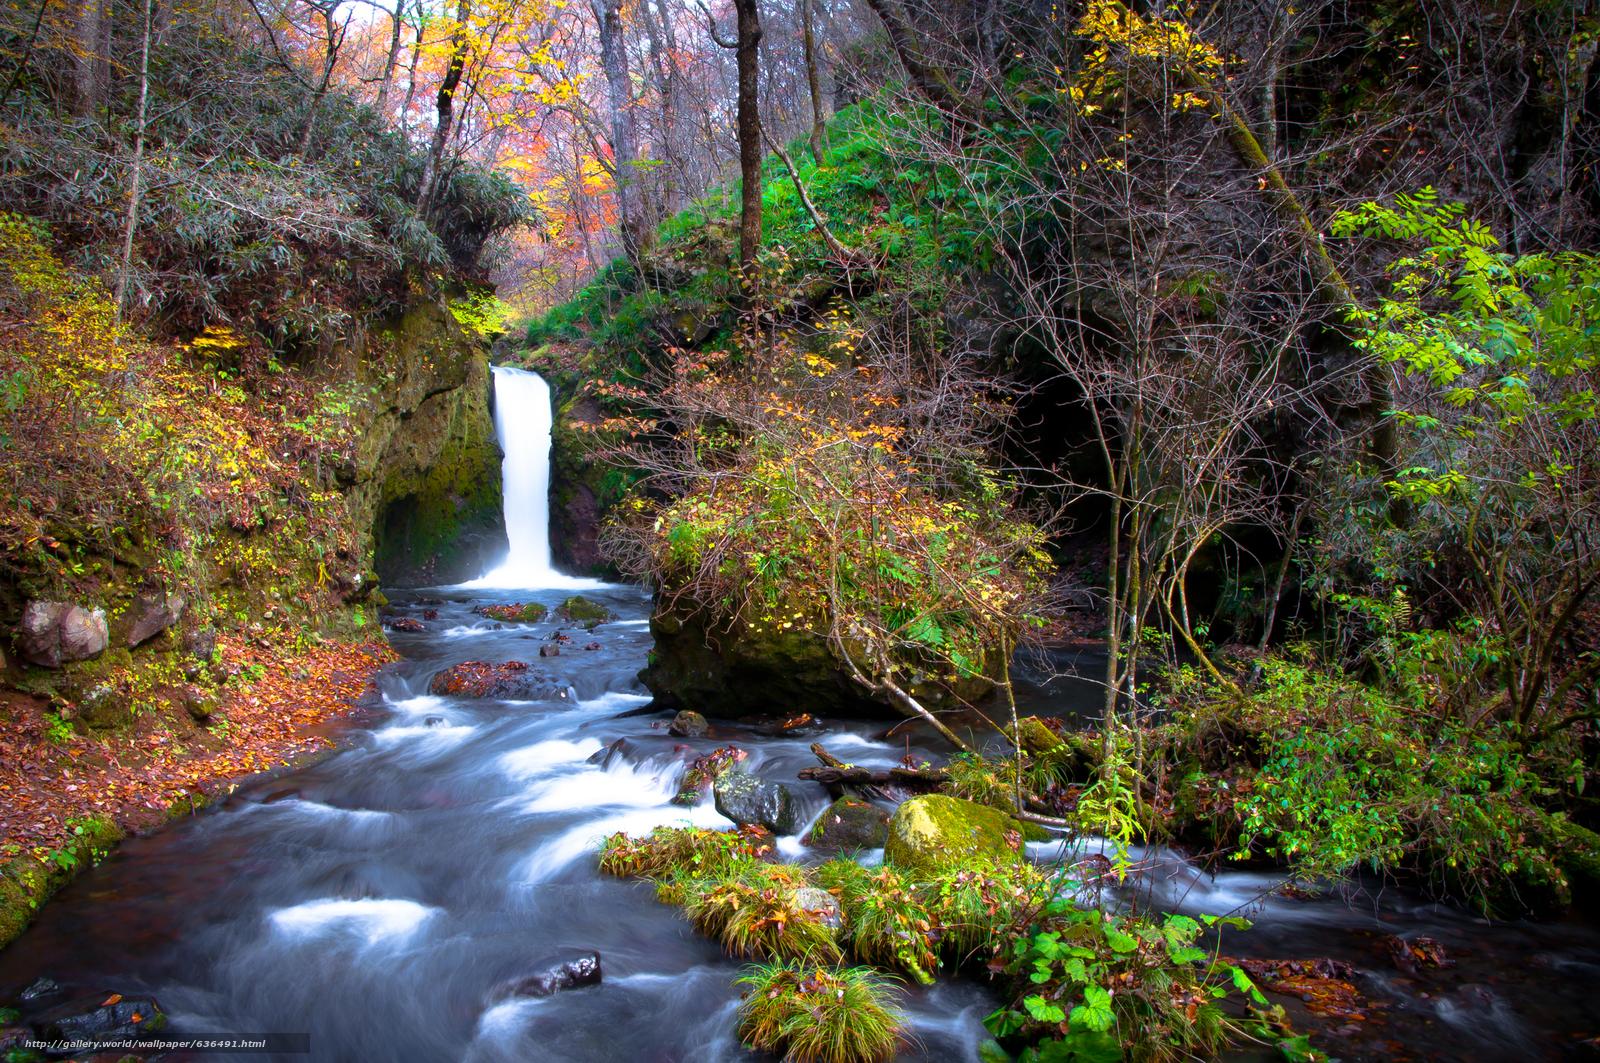 Скачать обои лес,  деревья,  осень,  водопад бесплатно для рабочего стола в разрешении 2560x1700 — картинка №636491